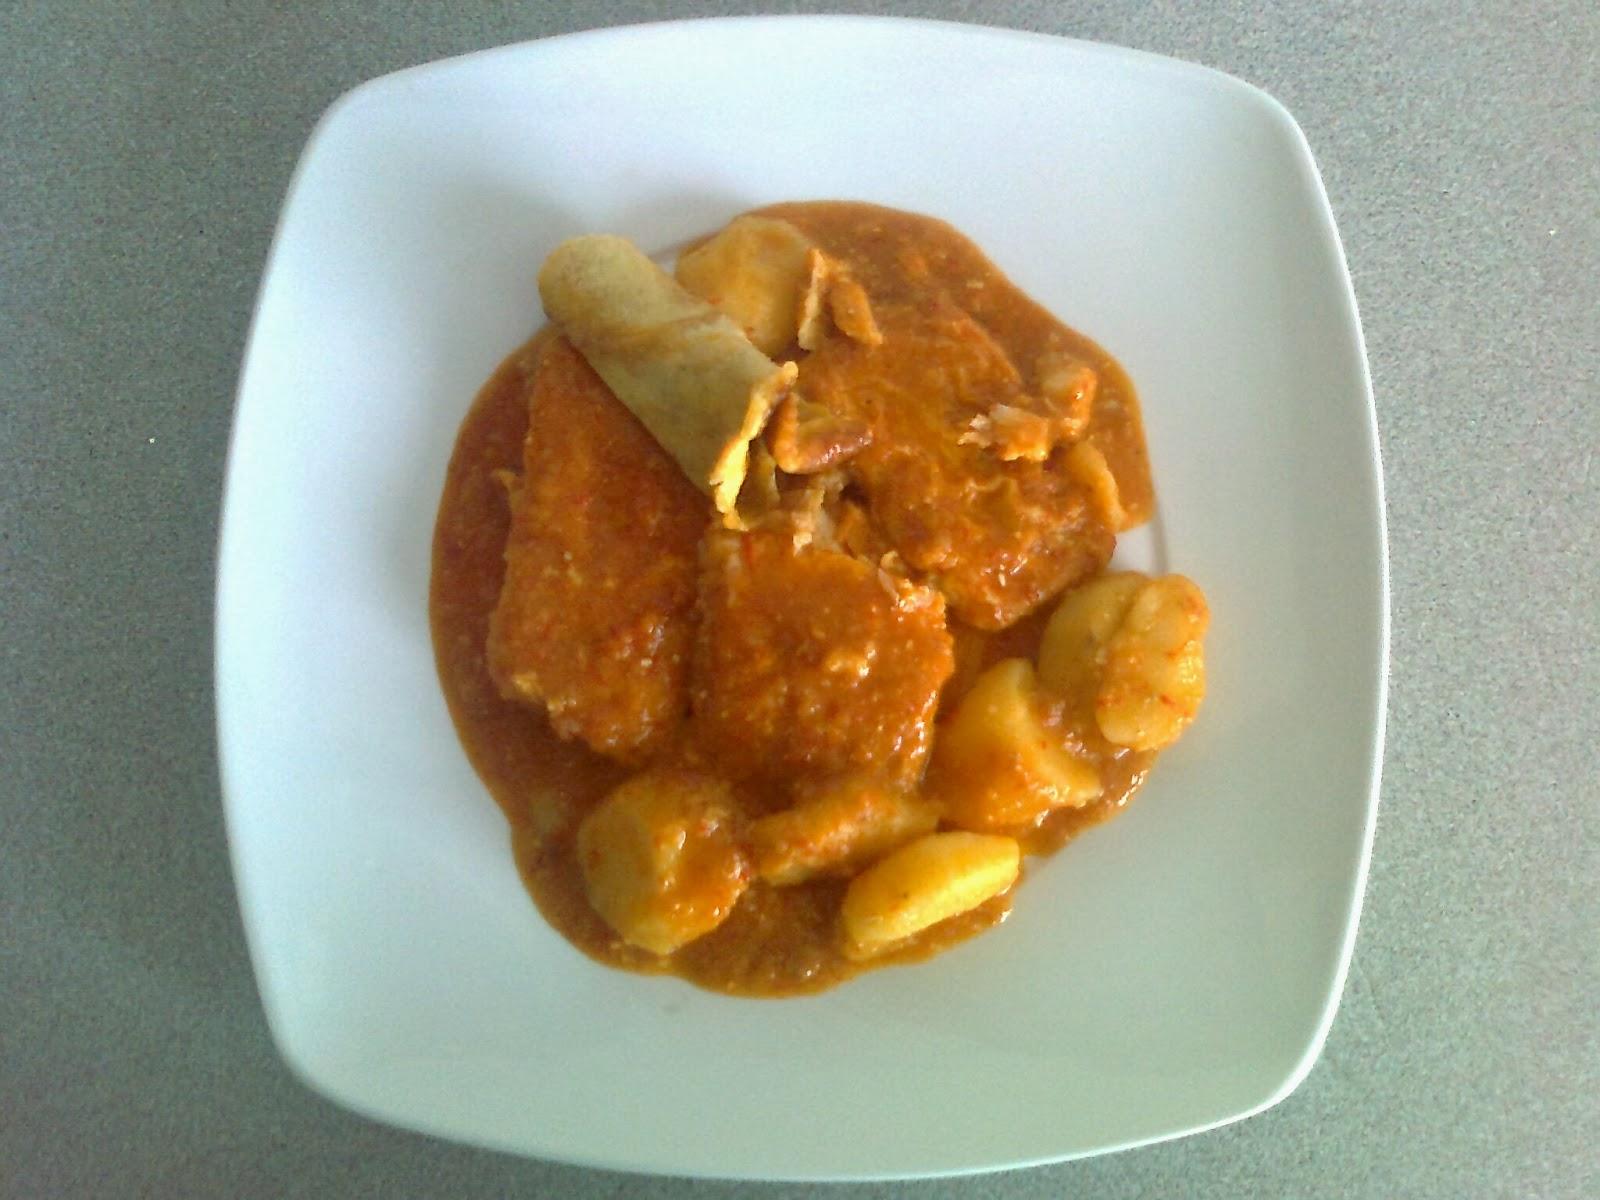 Comocomodiadia bacalao guisado con patatas - Bacalao guisado con patatas ...